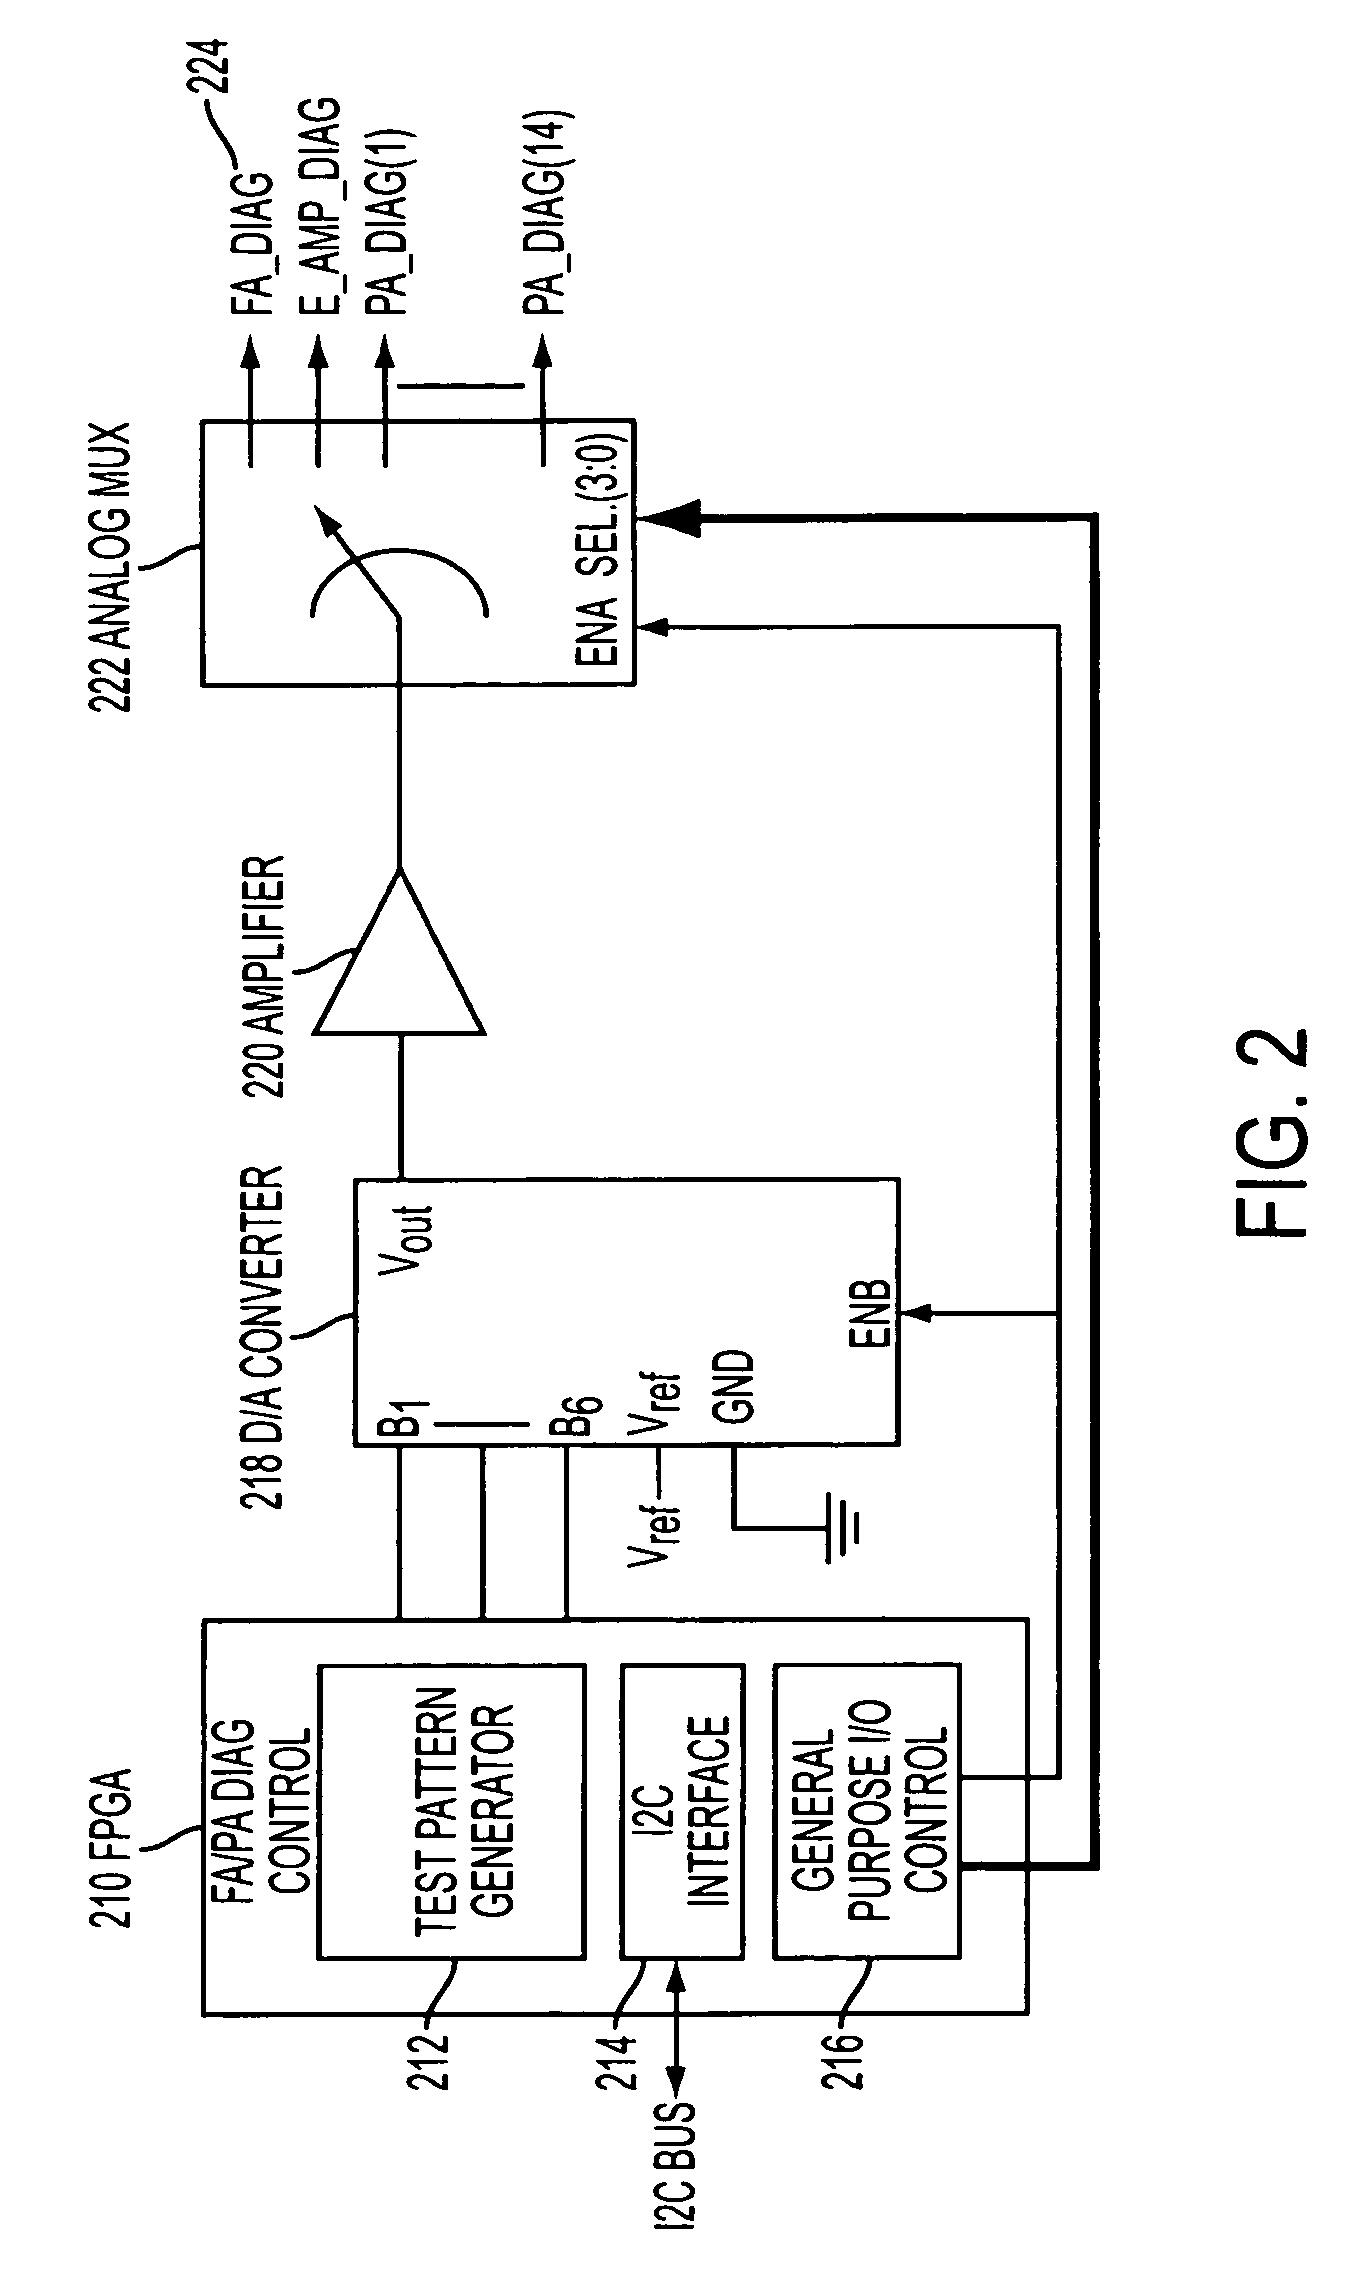 patent us7394072